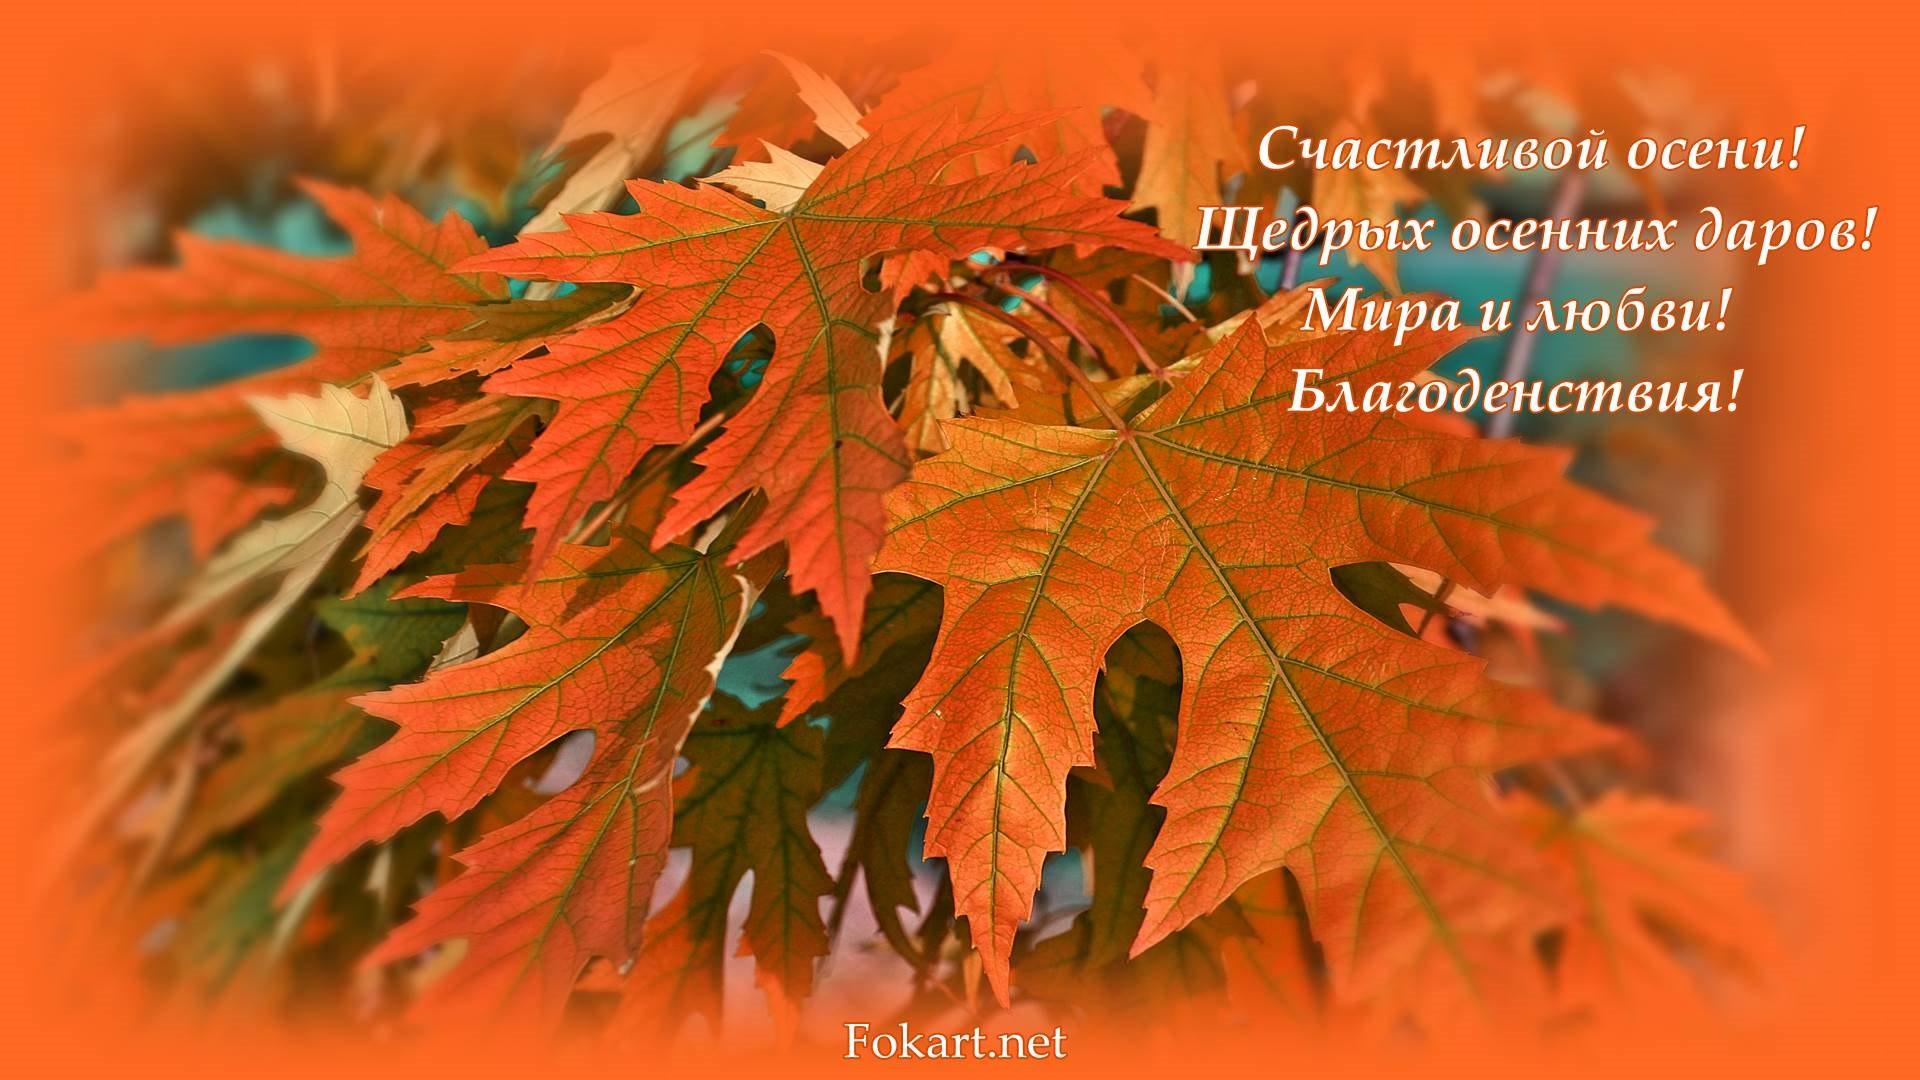 Осенние фото-обои с пожеланиями